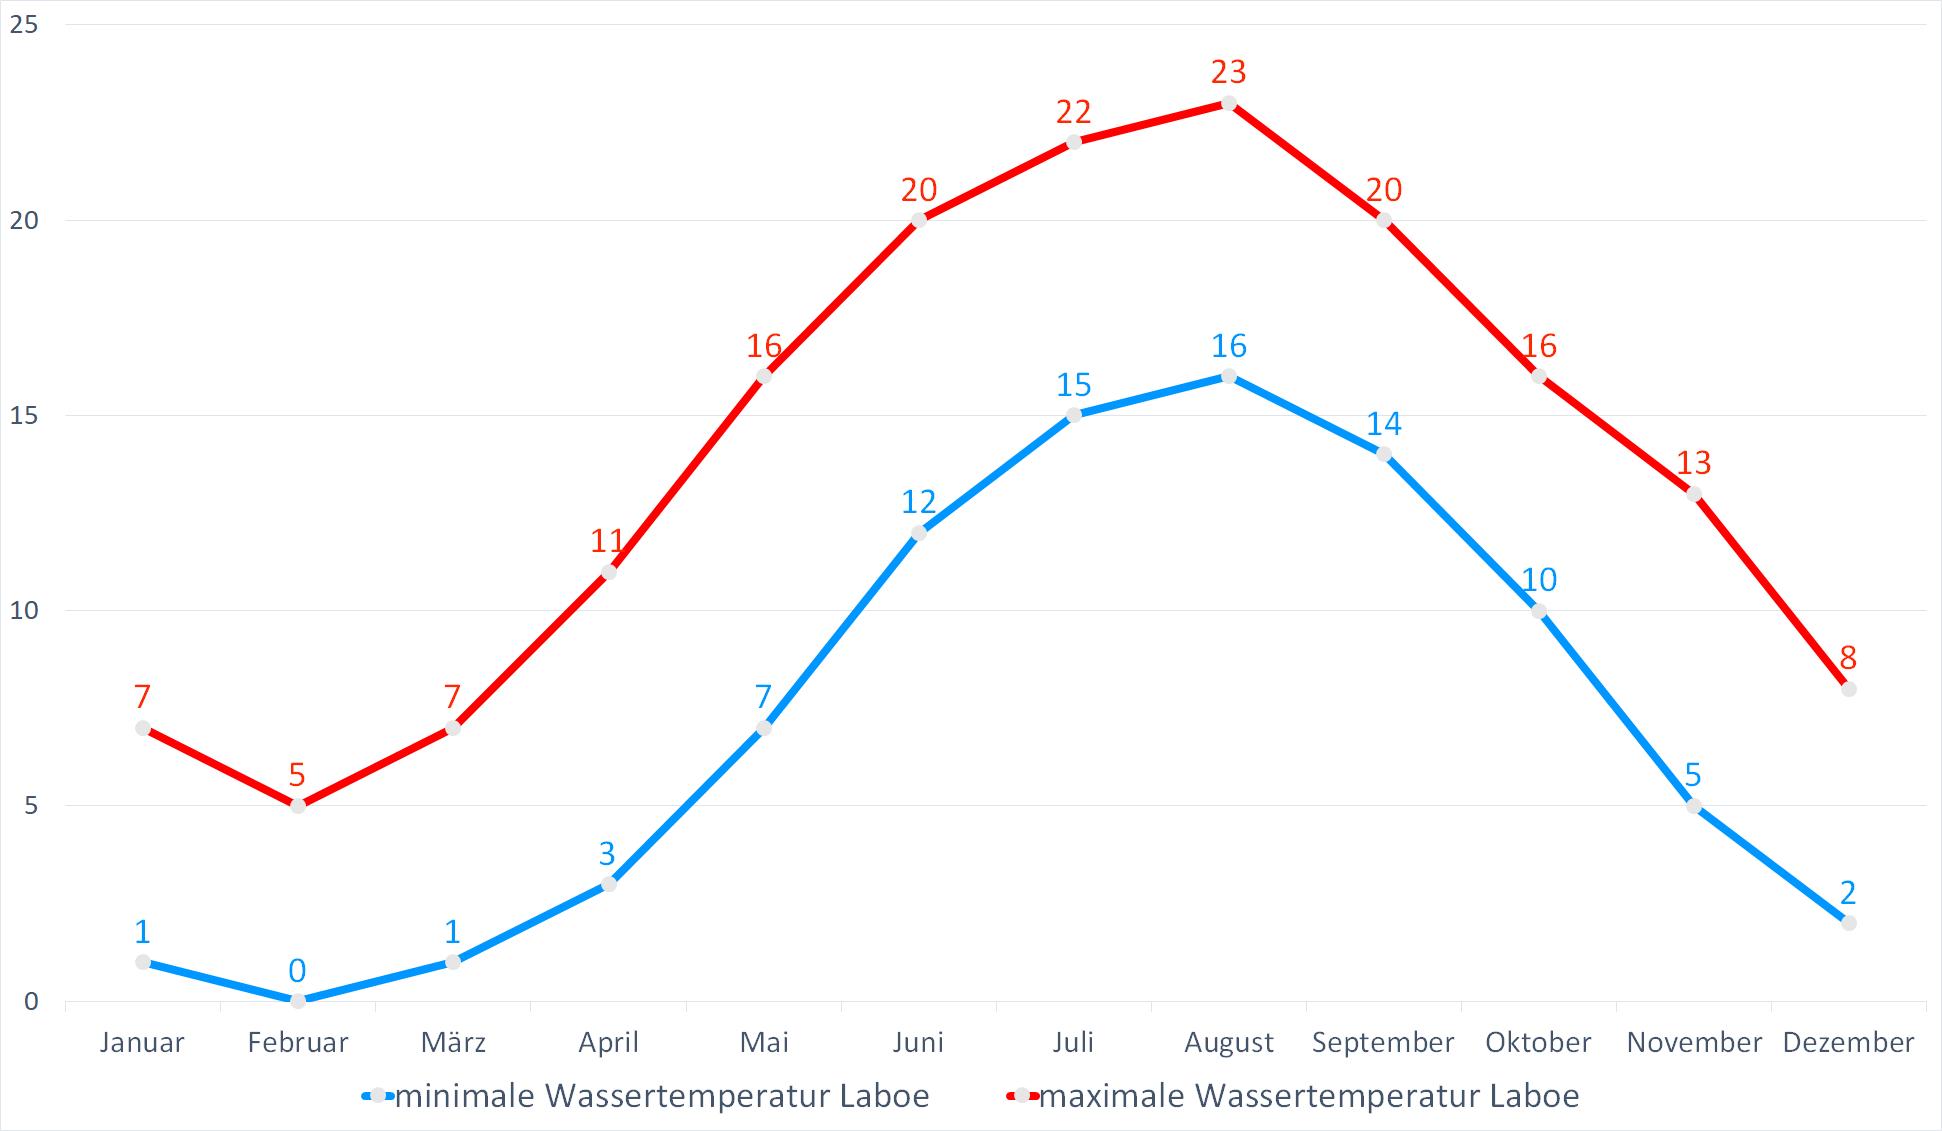 Minimale & Maximale Wassertemperaturen für Laboe im Jahresverlauf